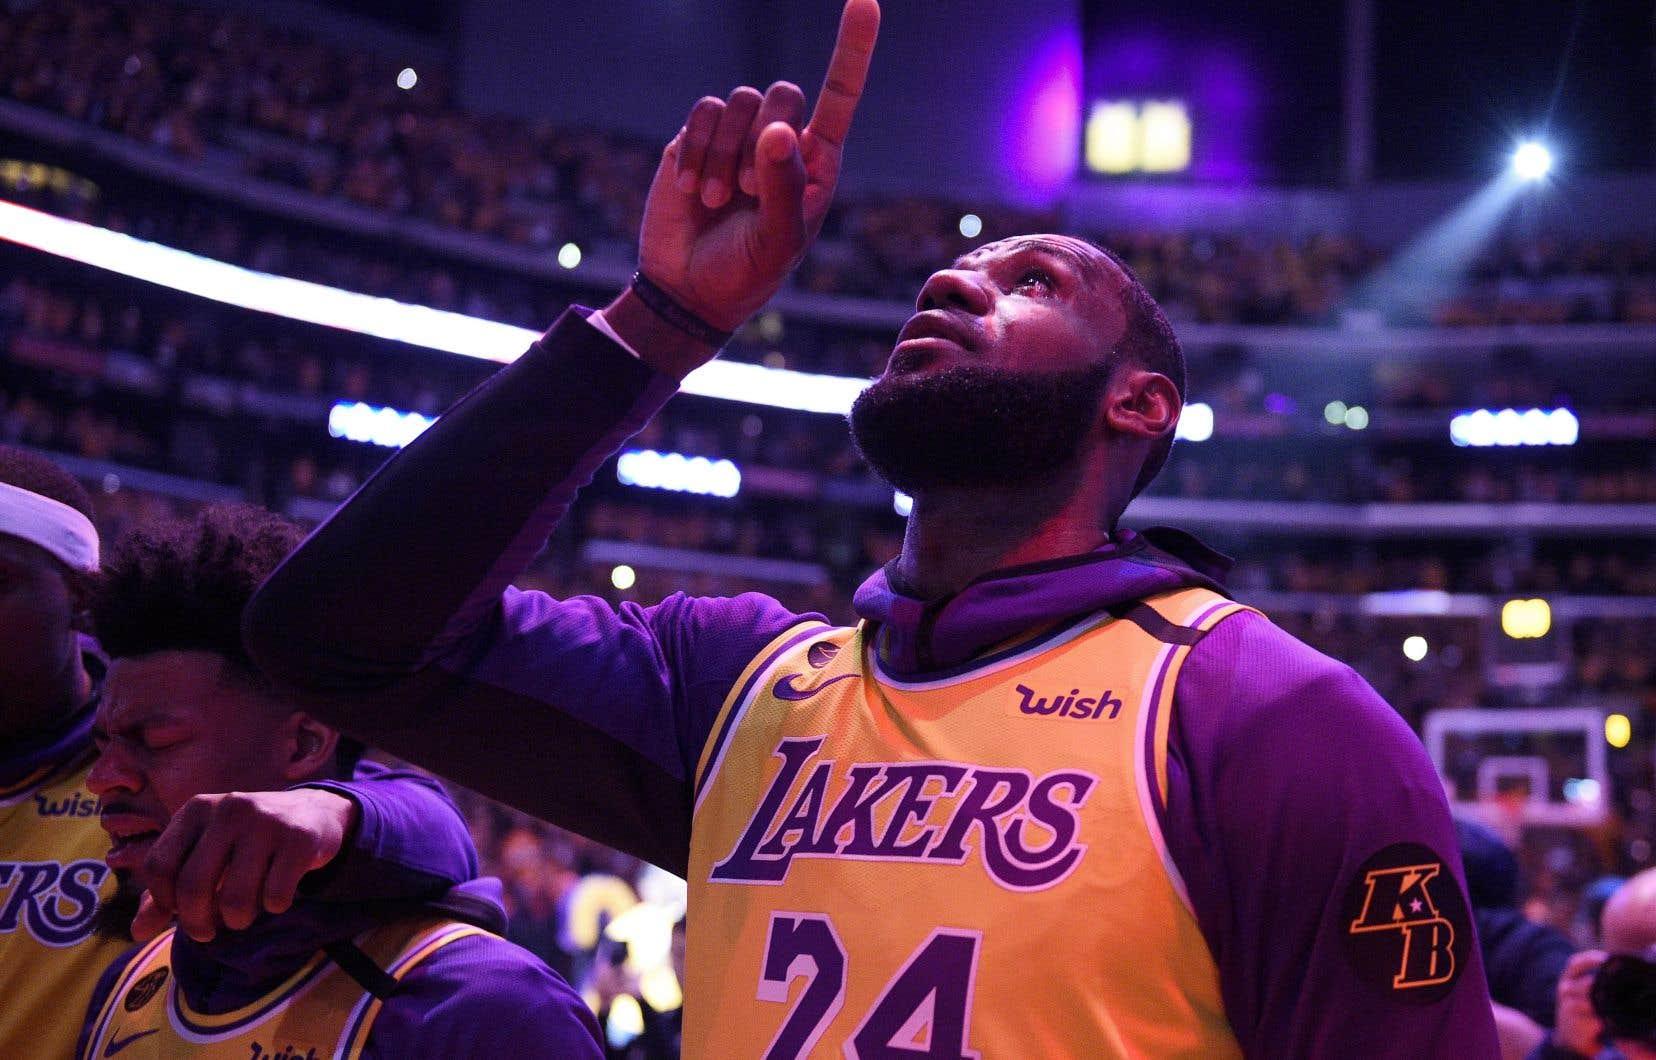 LeBron James était en pleurs pendant l'hymne national, chanté par les Boyz II Men. Mais il a toutefois tenu bon au moment de s'adresser à une «vraie vraie famille», la «Lakers Nation», pour honorer celui qu'il considérait comme «un grand frère».